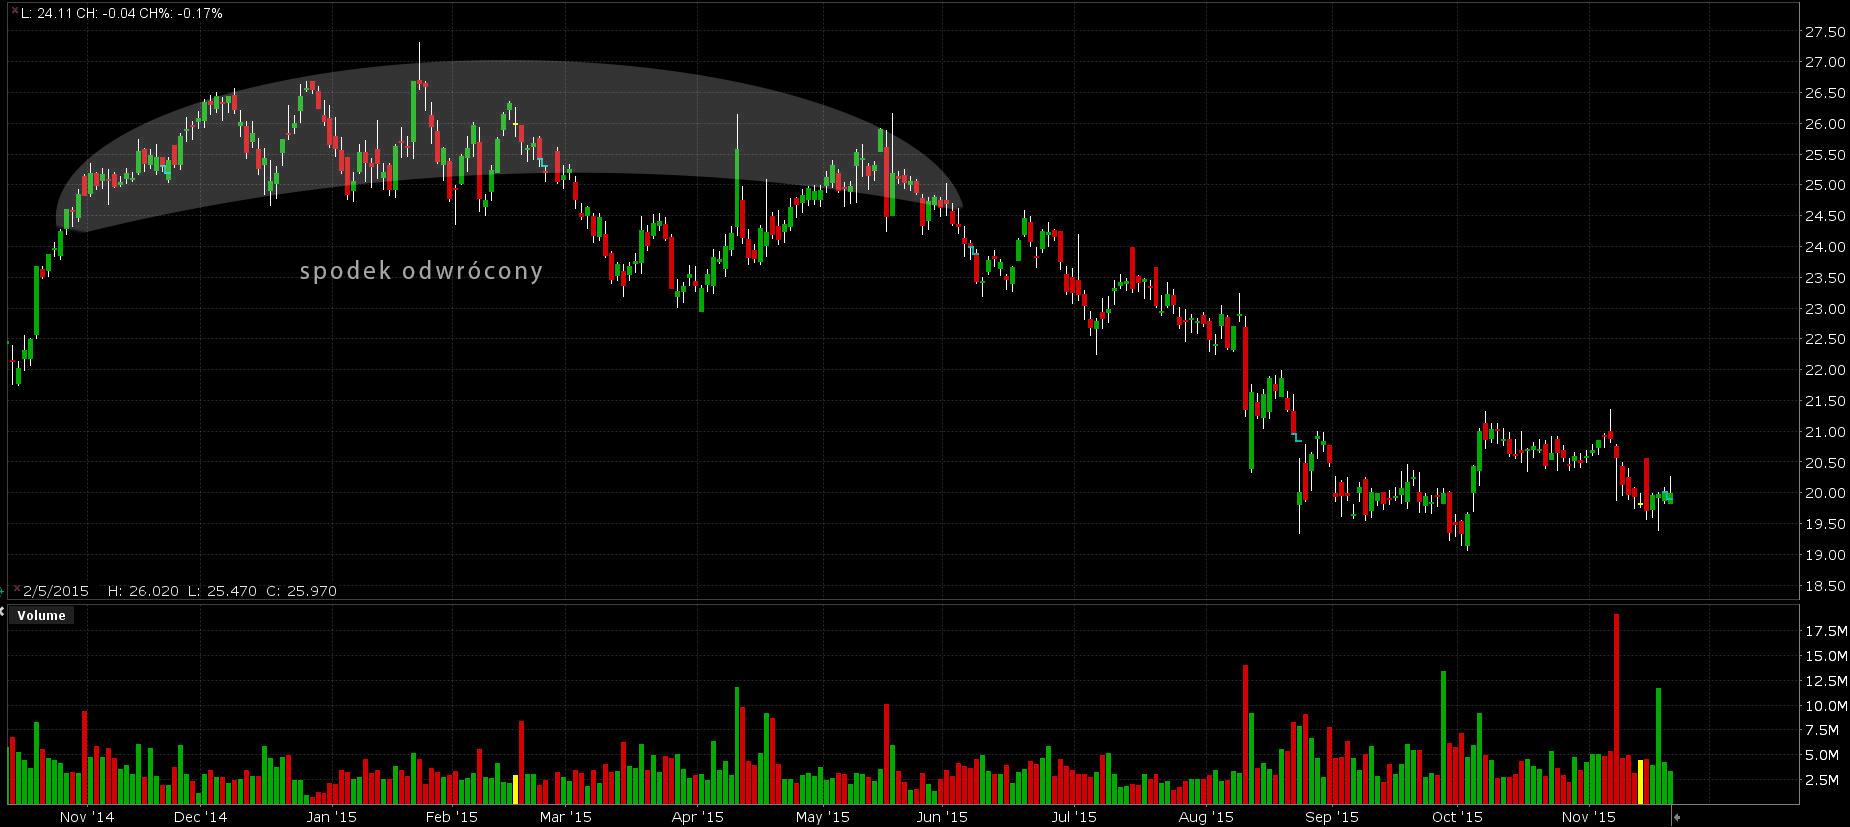 Spodek odwrócony na wykresie Symantec Corp.